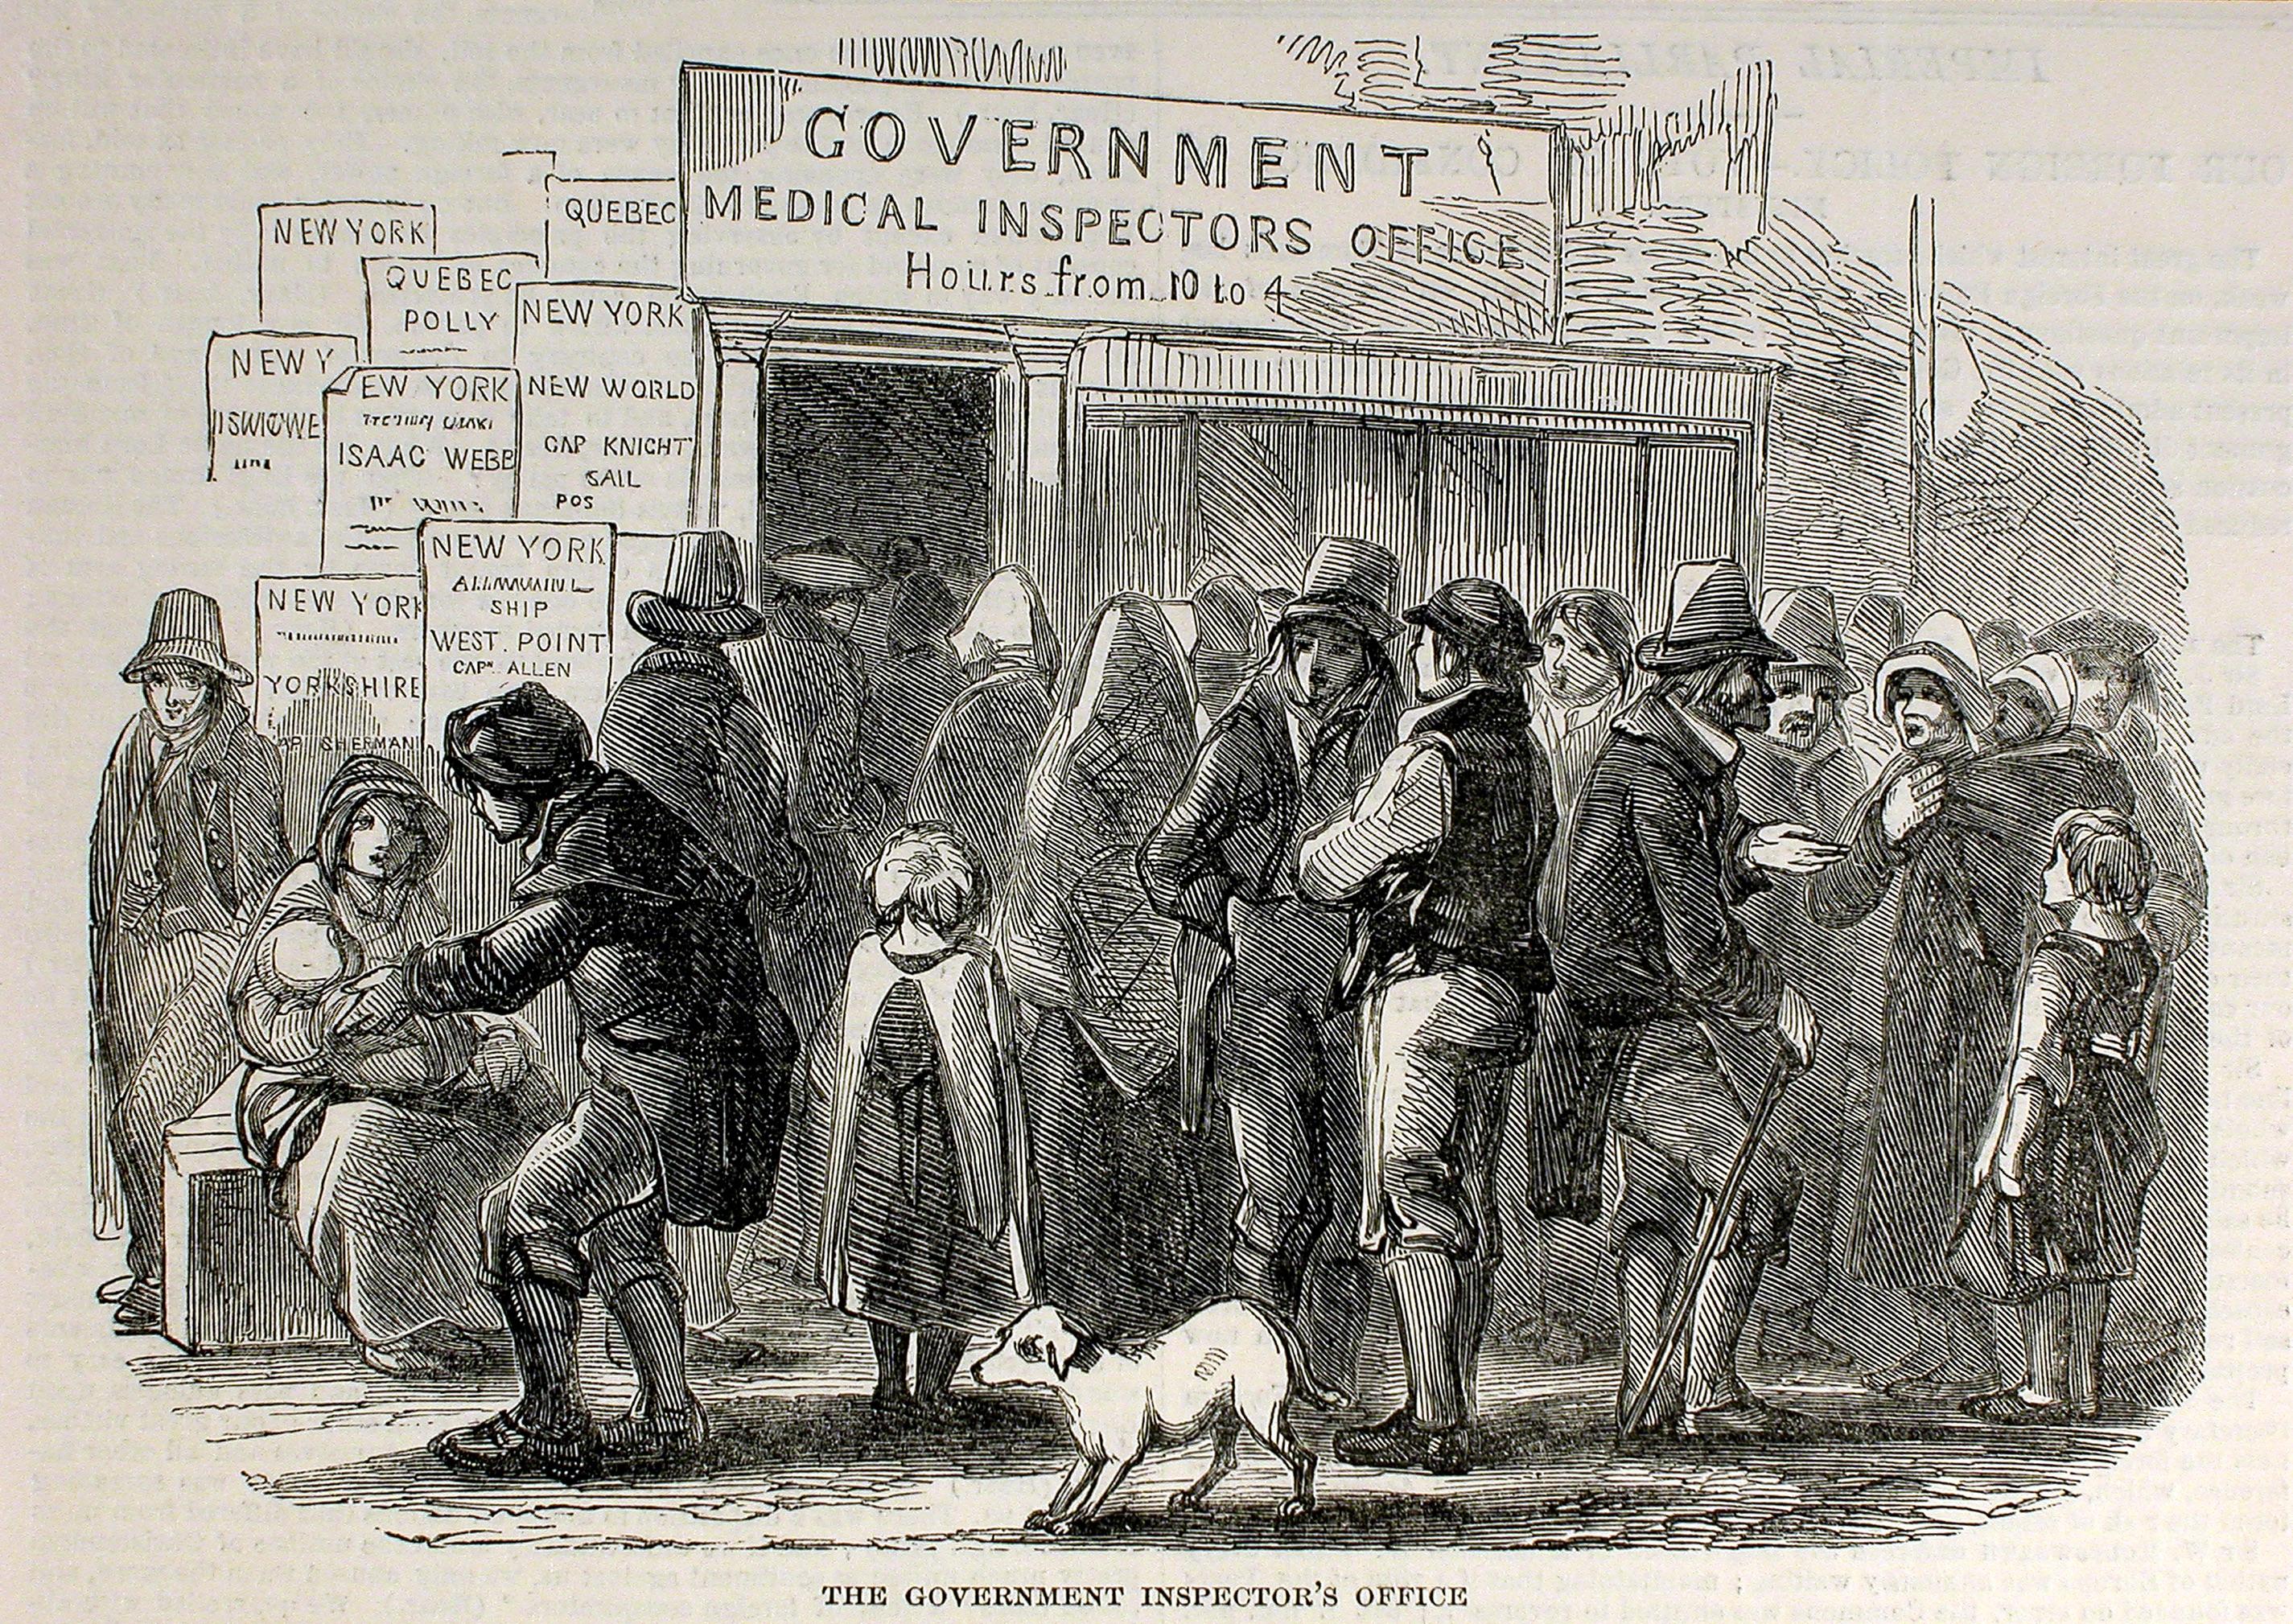 Des immigrants attendent devant un bureau d'inspection médicale.